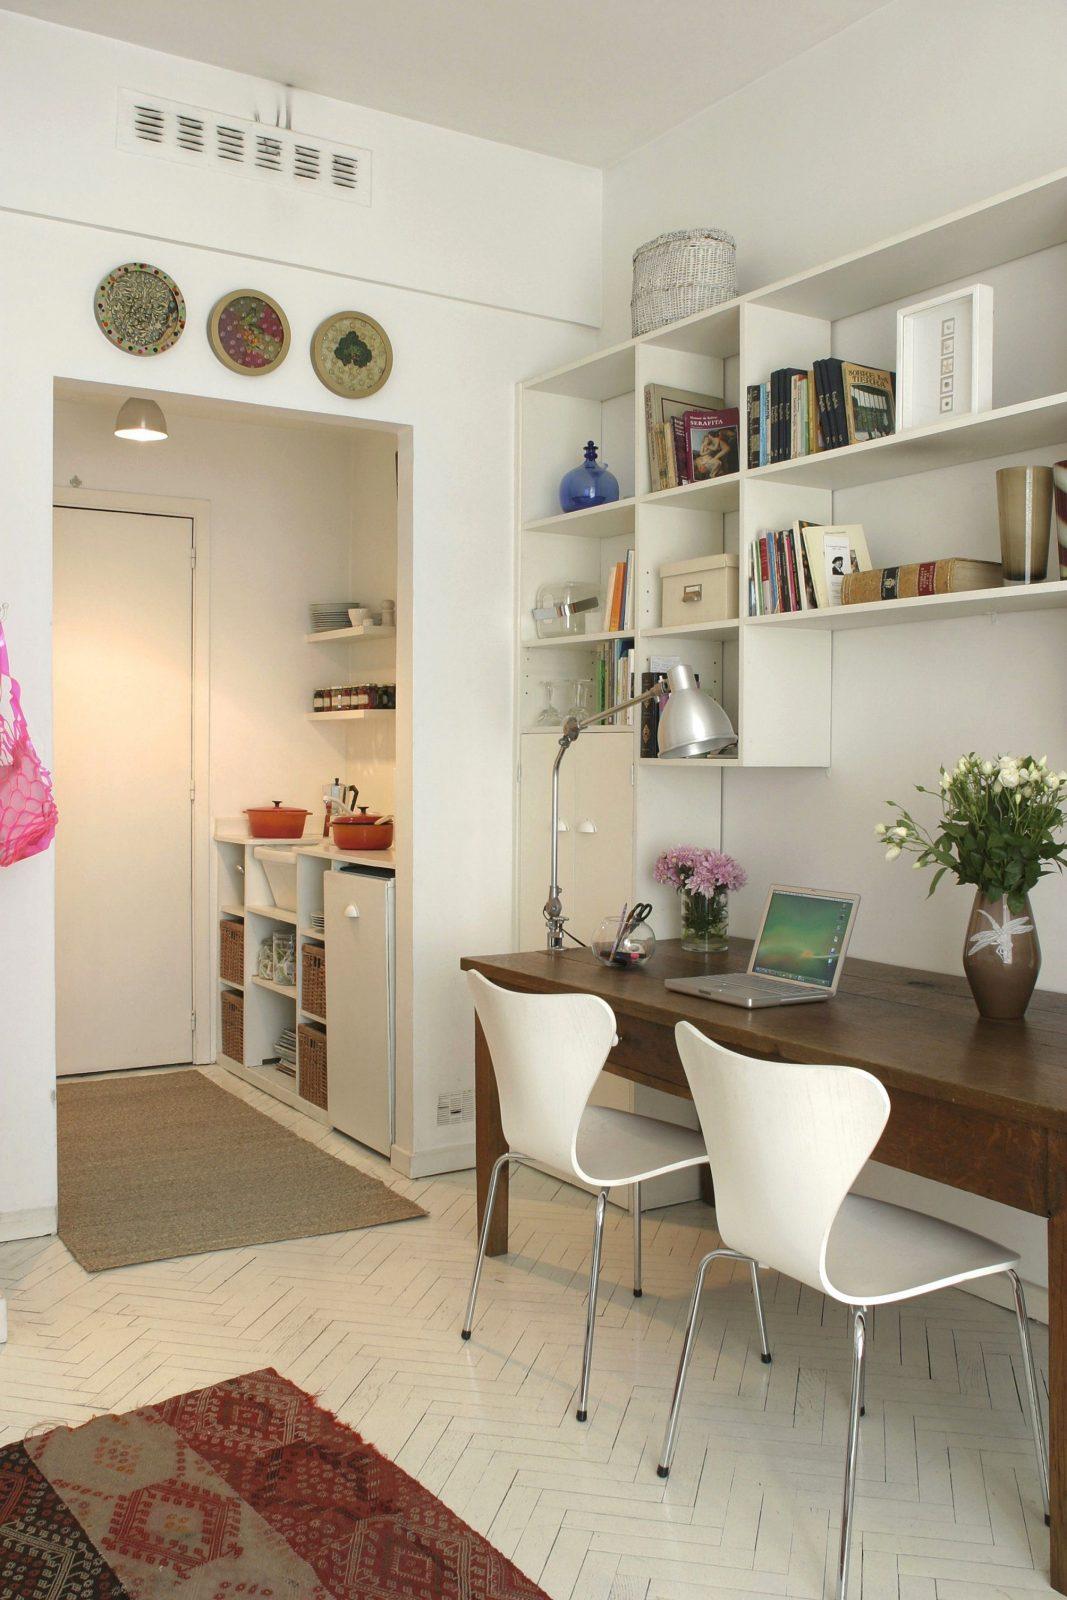 Wunderbar Kleine Kinderzimmer Geschickt Einrichten Charmant Zuhause von Kleine Kinderzimmer Geschickt Einrichten Bild